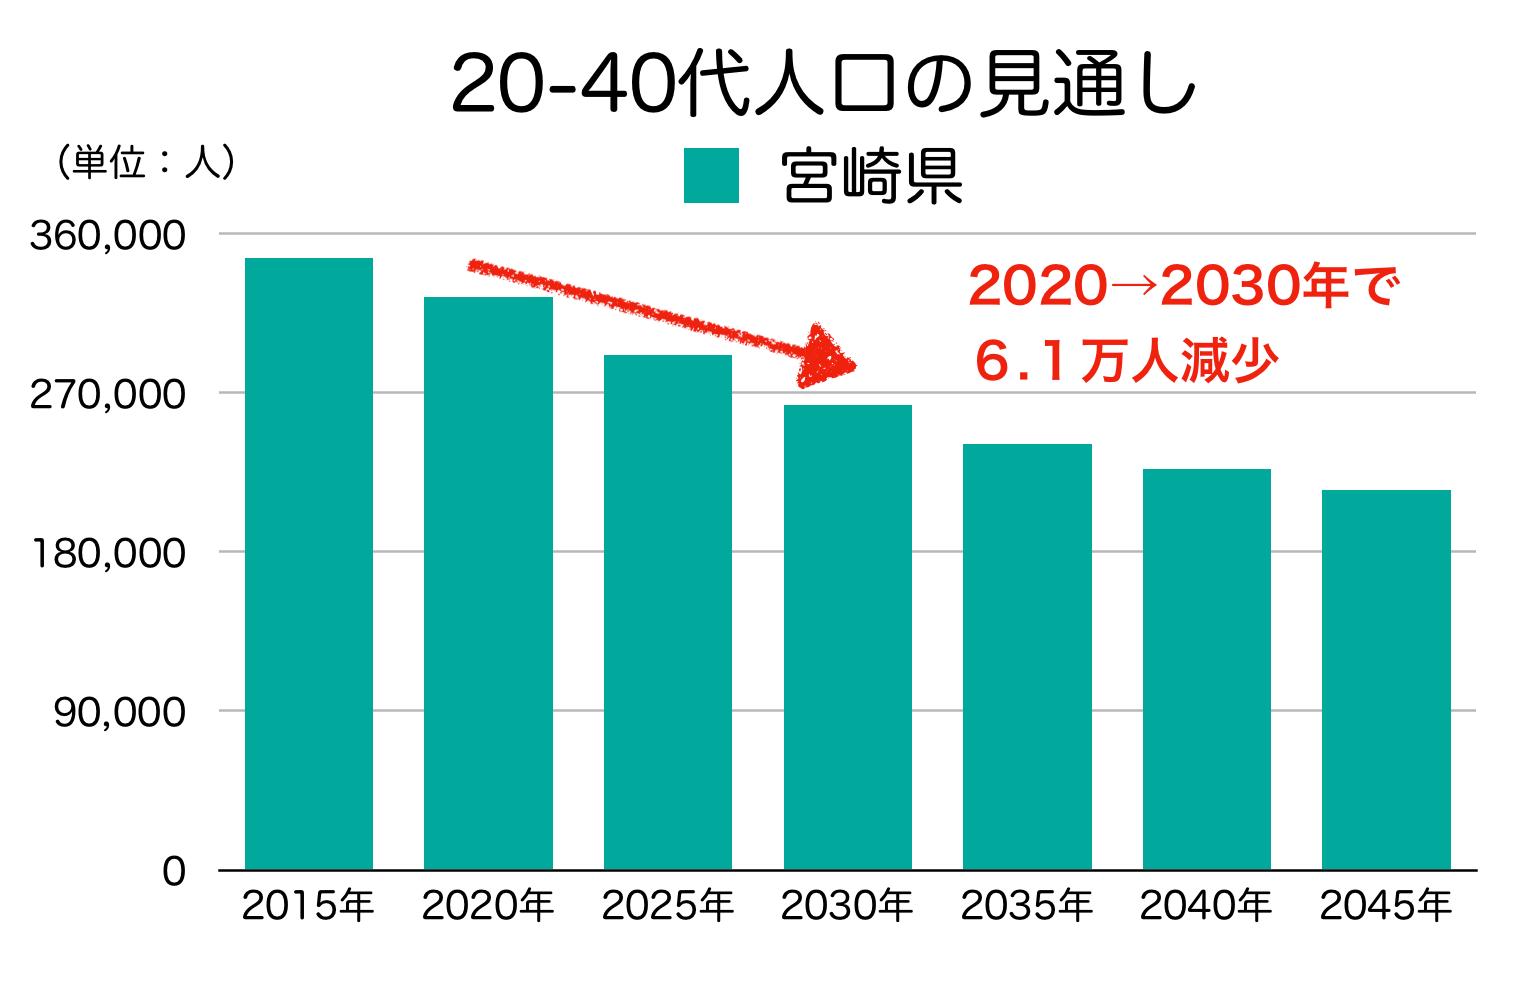 宮崎県の20-40代人口の見通し